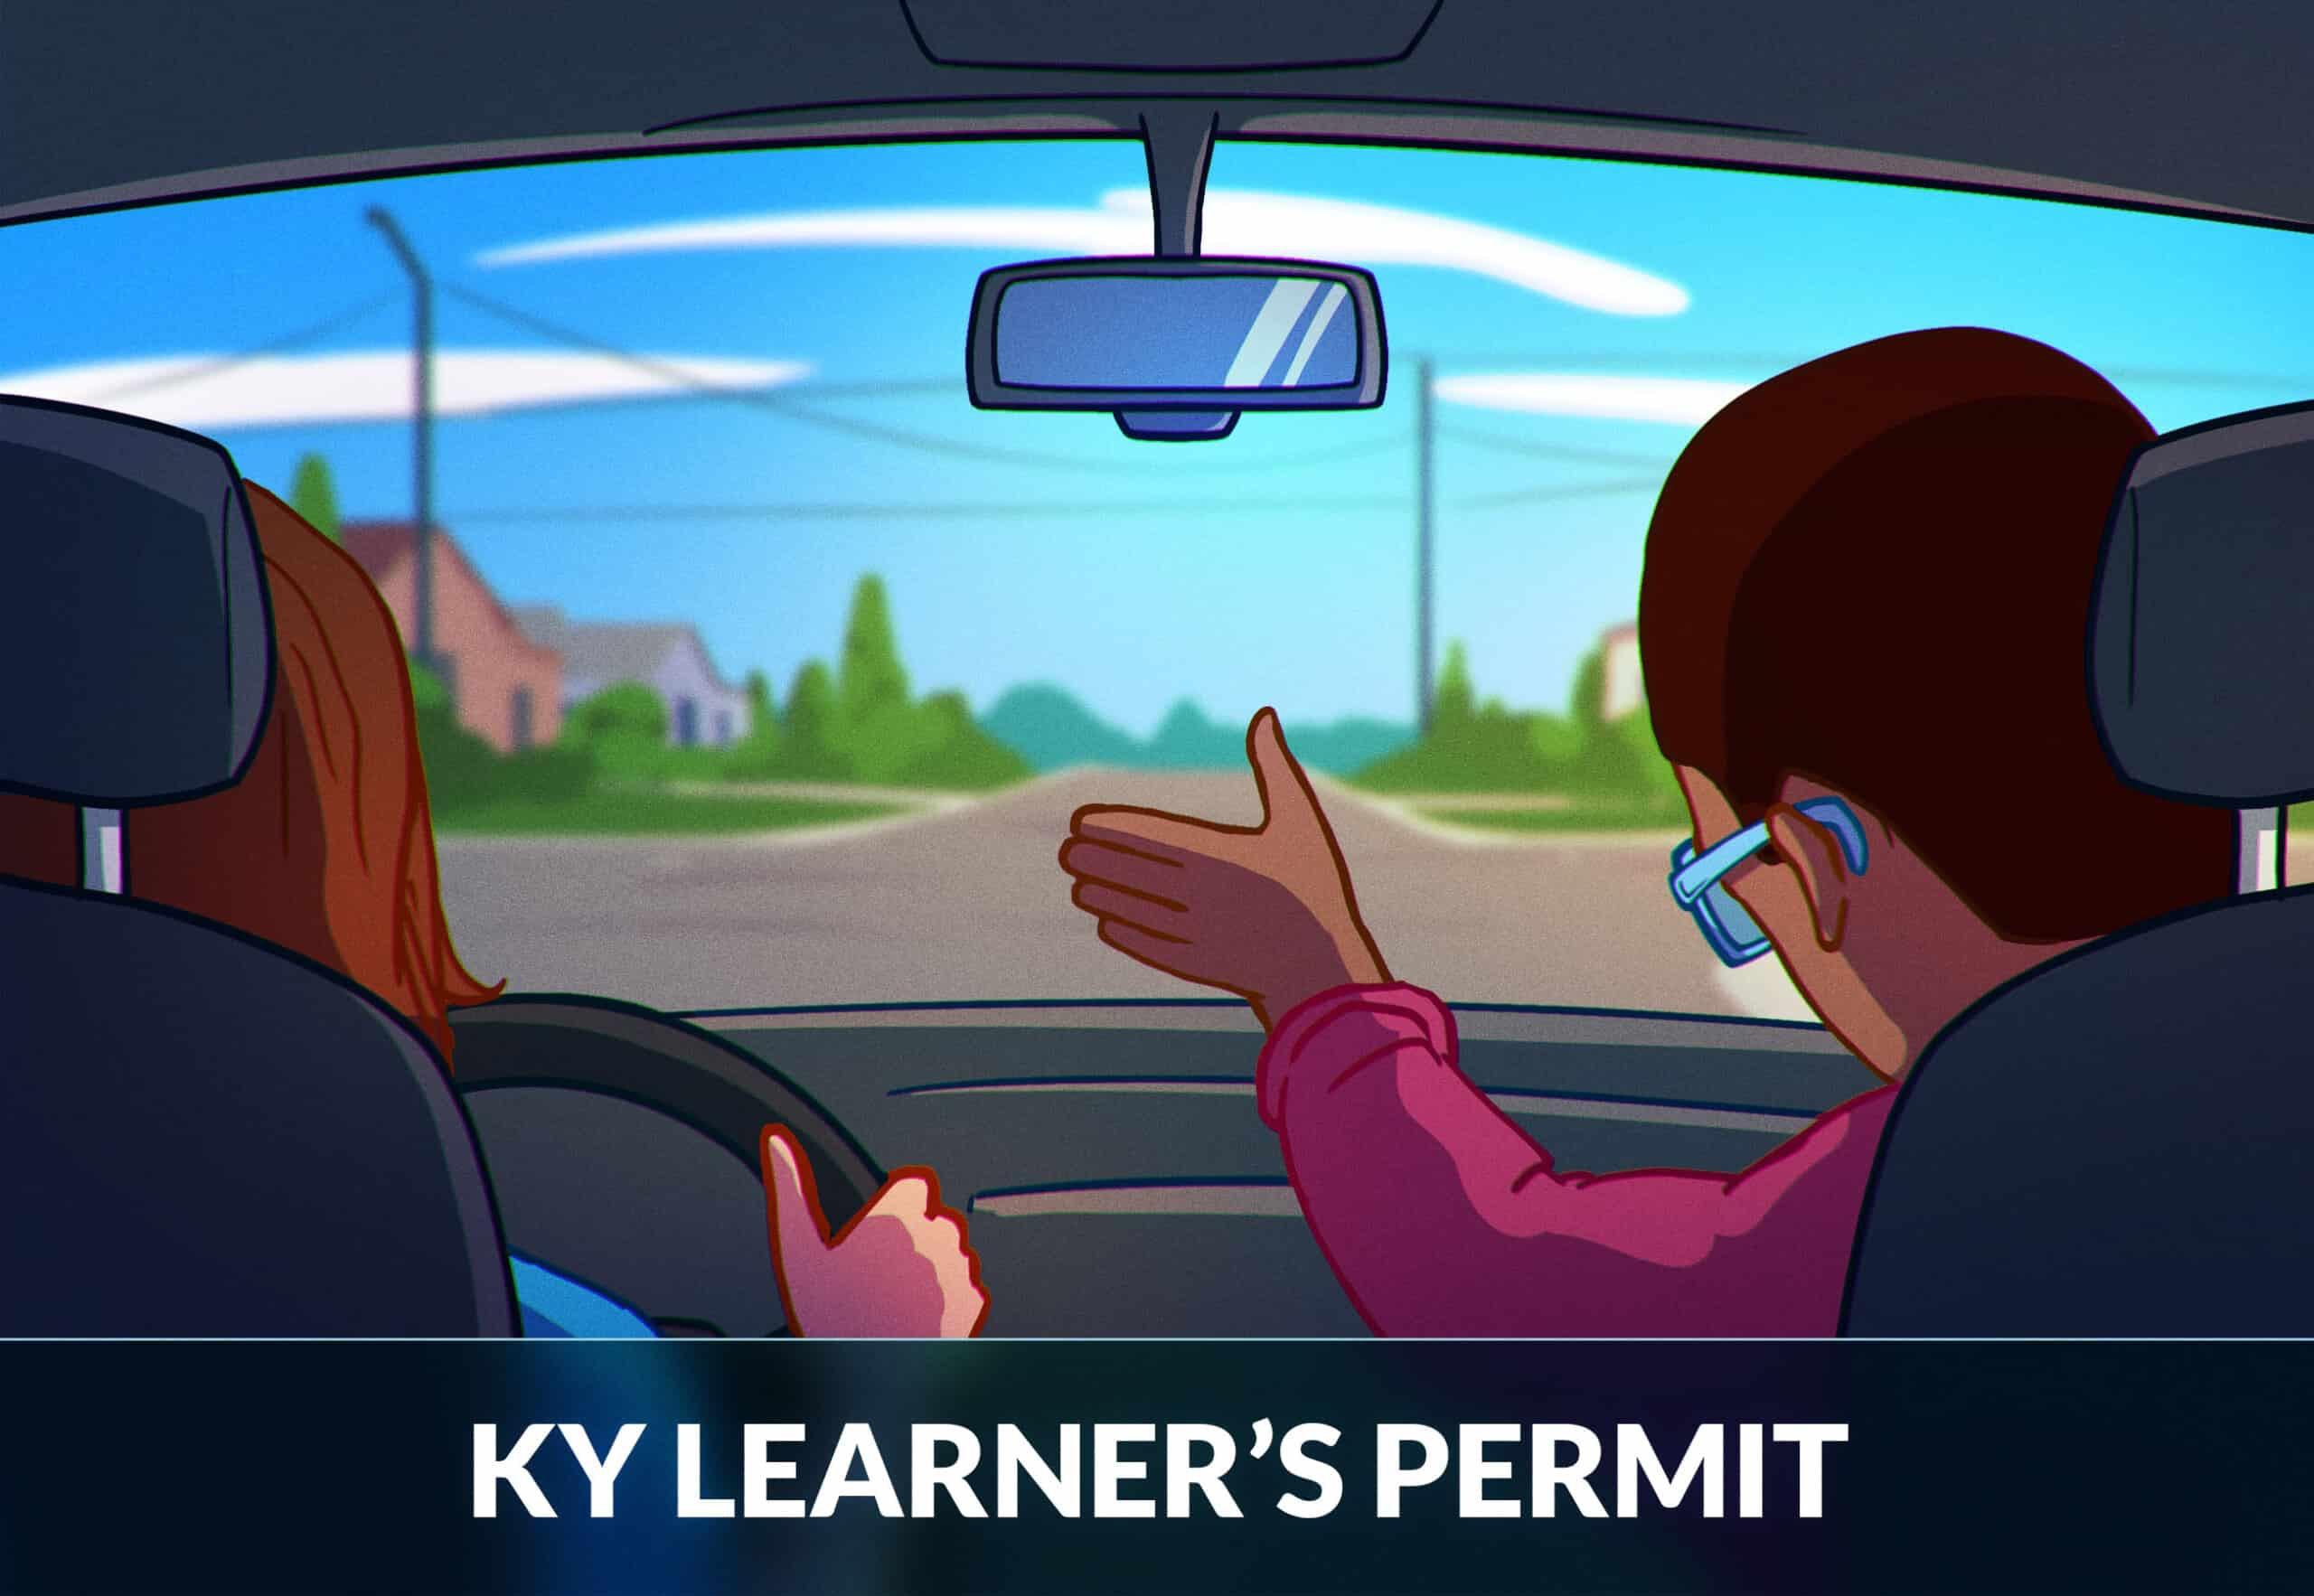 Kentucky Learner's Permit